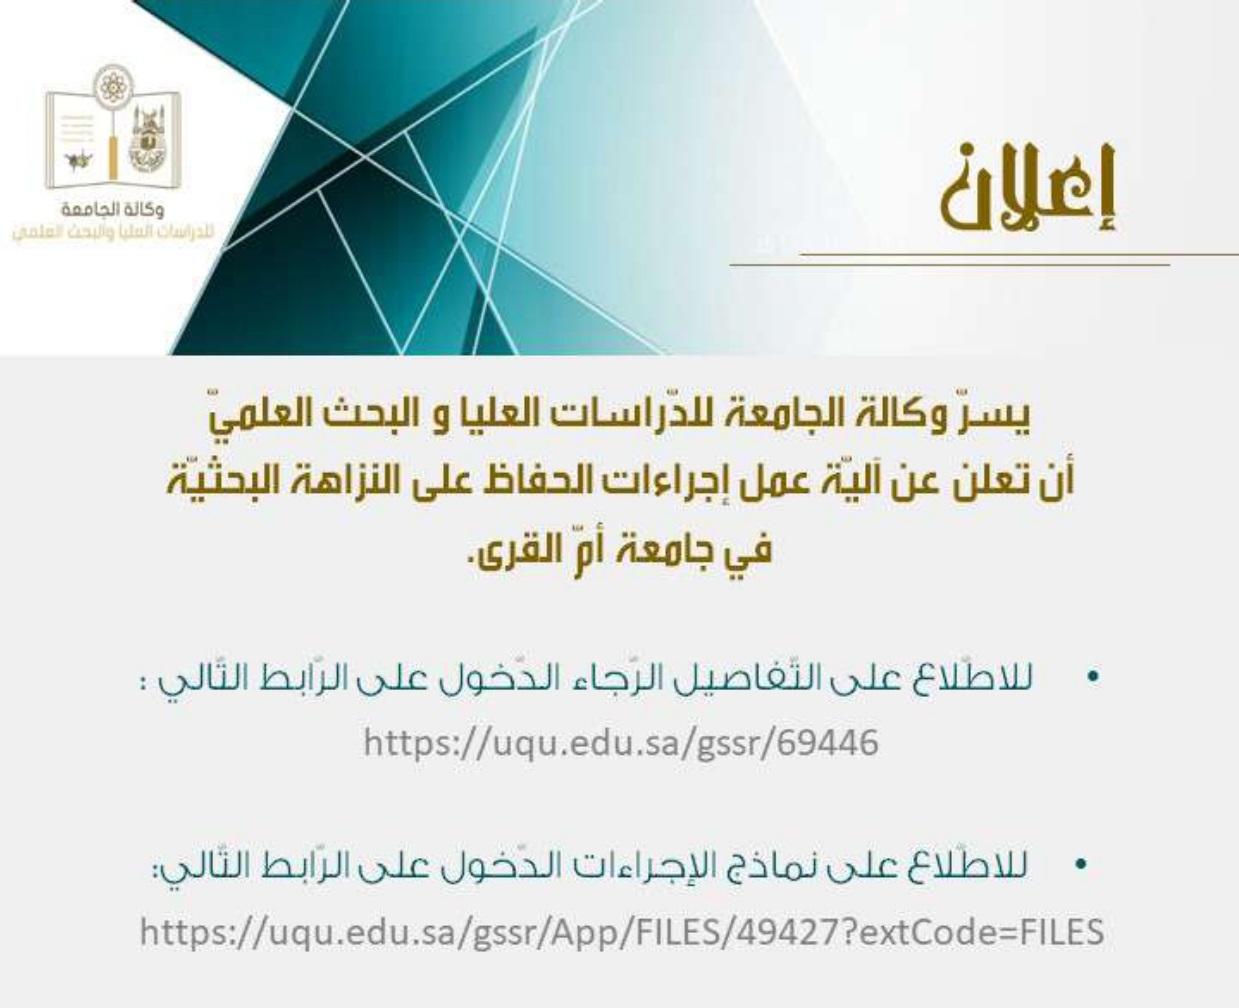 وكالة الجامعة للدراسات العليا تعلن آلية عمل لجان أخلاقيات البحث العلمي وكالة الجامعة للدراسات العليا والبحث العلمي جامعة أم القرى